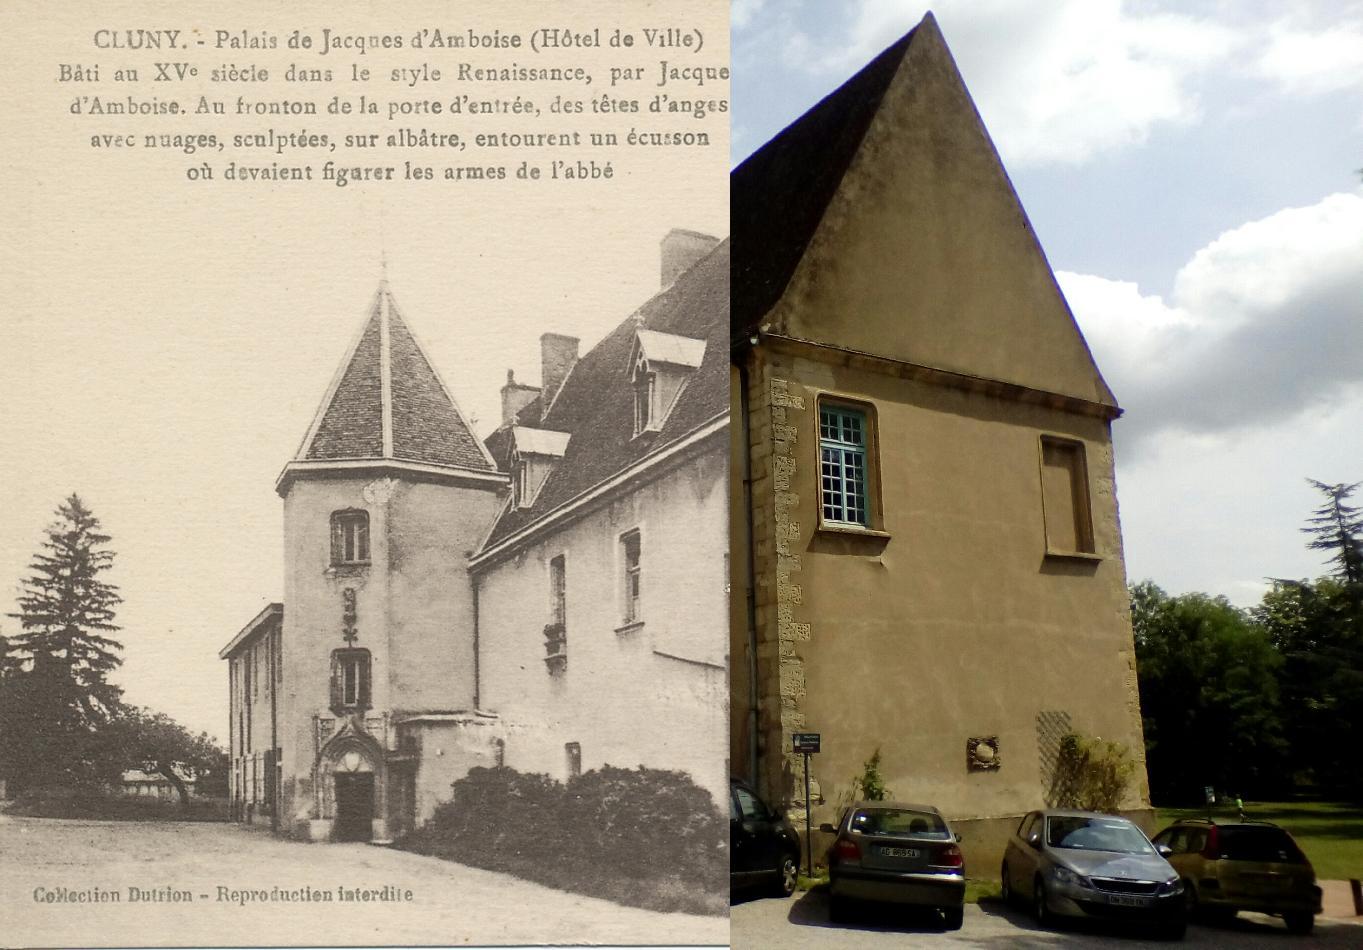 Cluny - Cluny. Palais de Jacques d'Amboise (hôtel de Ville). Bâti au XVe s. dans le style Renaissance, par Jacques d'Amboise. Au fronton de la porte d'entrée, des têtes d'anges avec nuages, sculptées, sur albâtre, entourent un écusson où devaient figurer les armes de l'abbé.